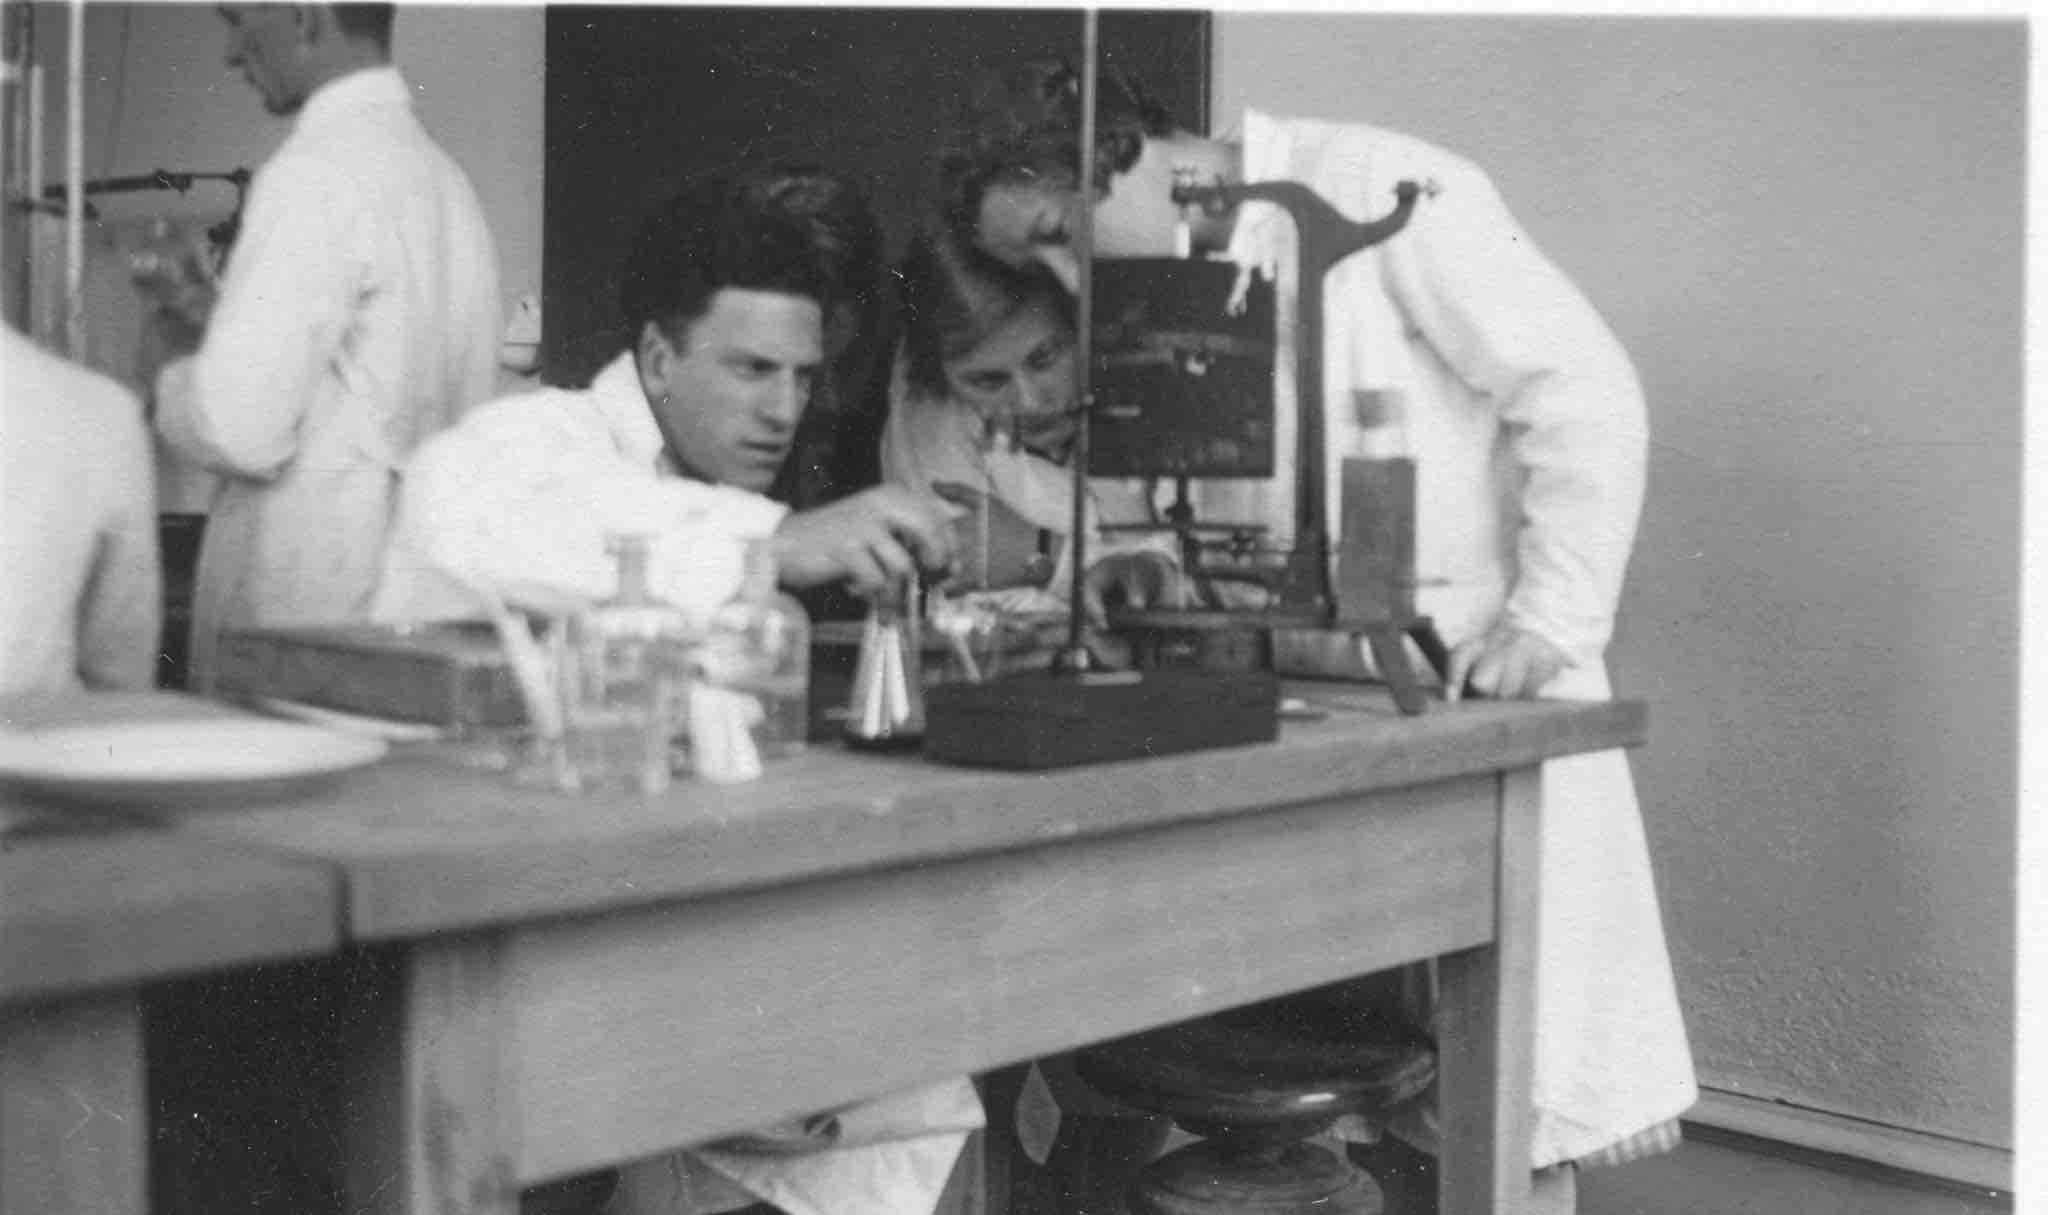 Marie Meierhofer mit einem Kollegen im Labor.